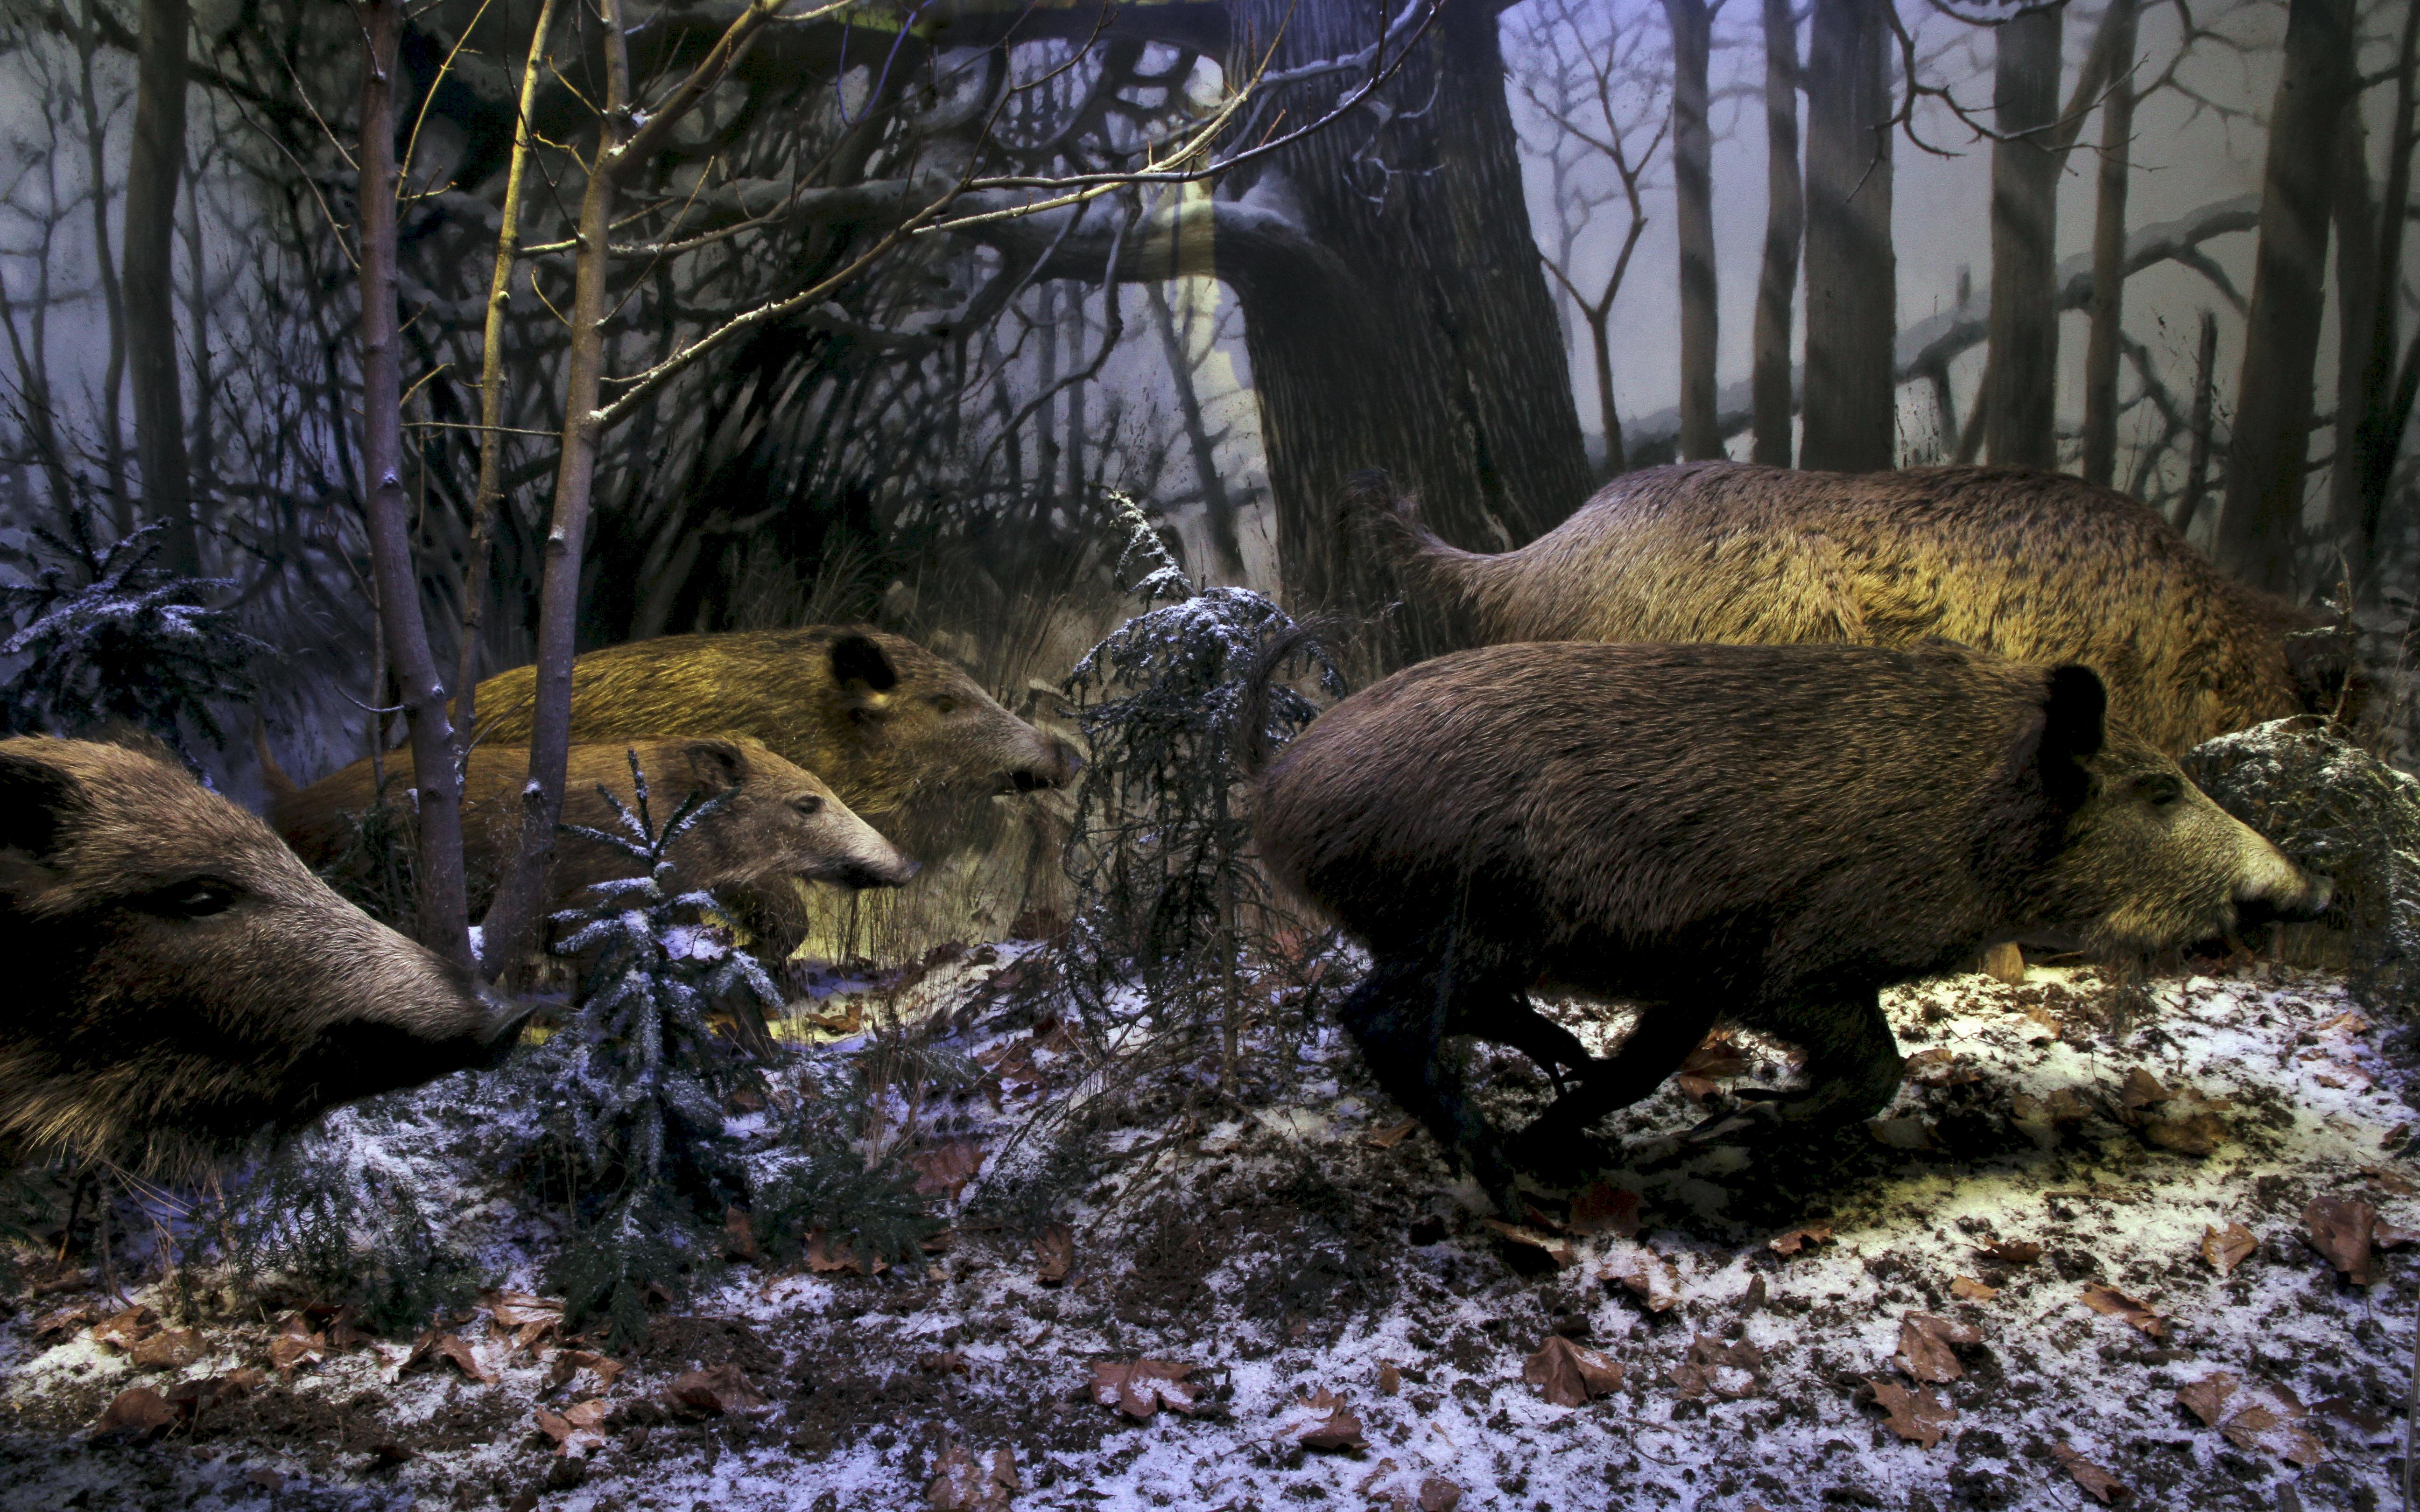 Villisikapesue Luonnontieteellisen museon Maailman luonto -näyttelyssä. Kuva: Marika Turtiainen / Luomus